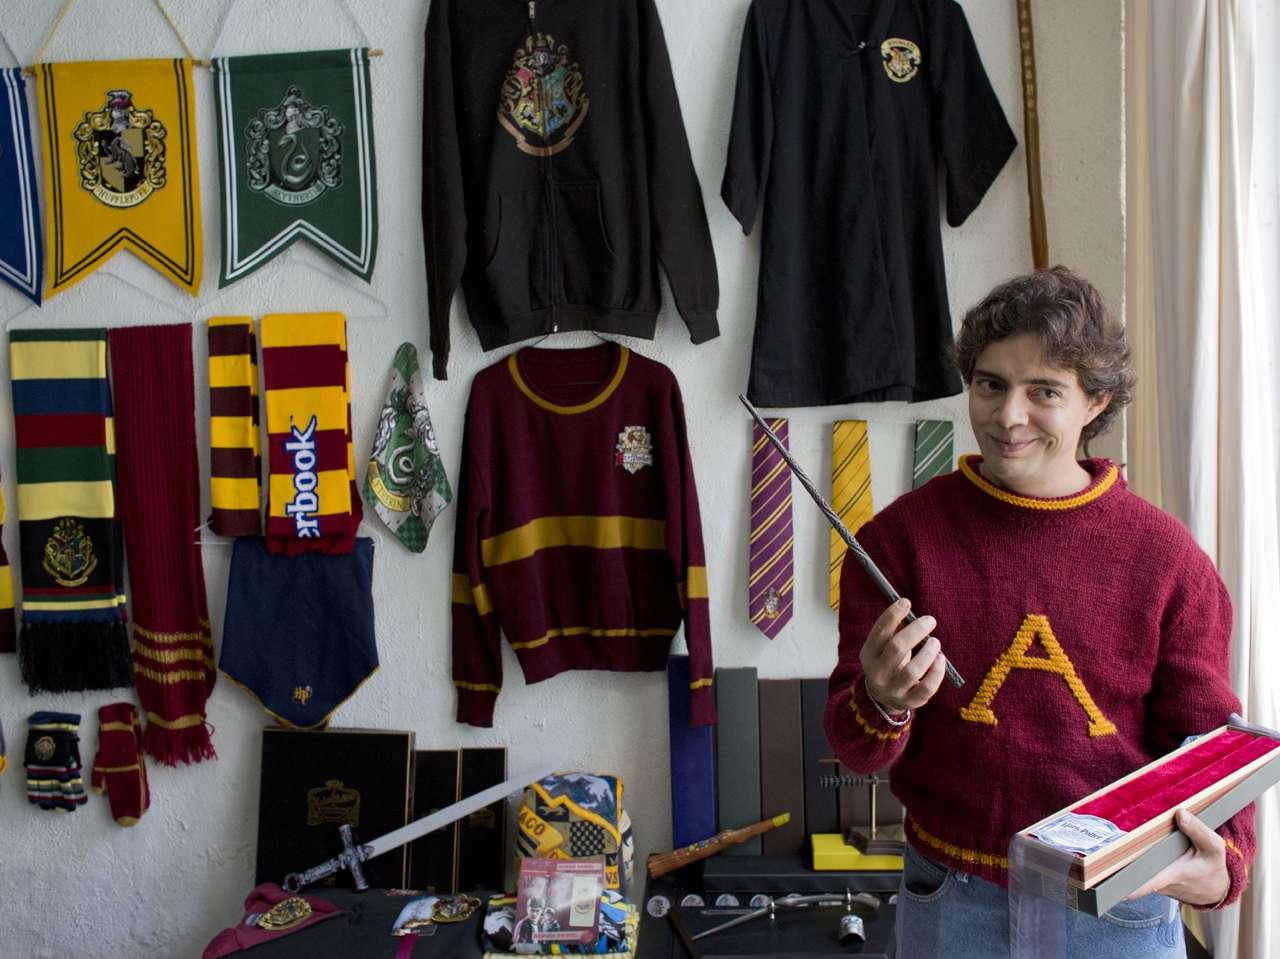 Récord Guinness a la colección más grande de 'Harry Potter'. Foto: AP